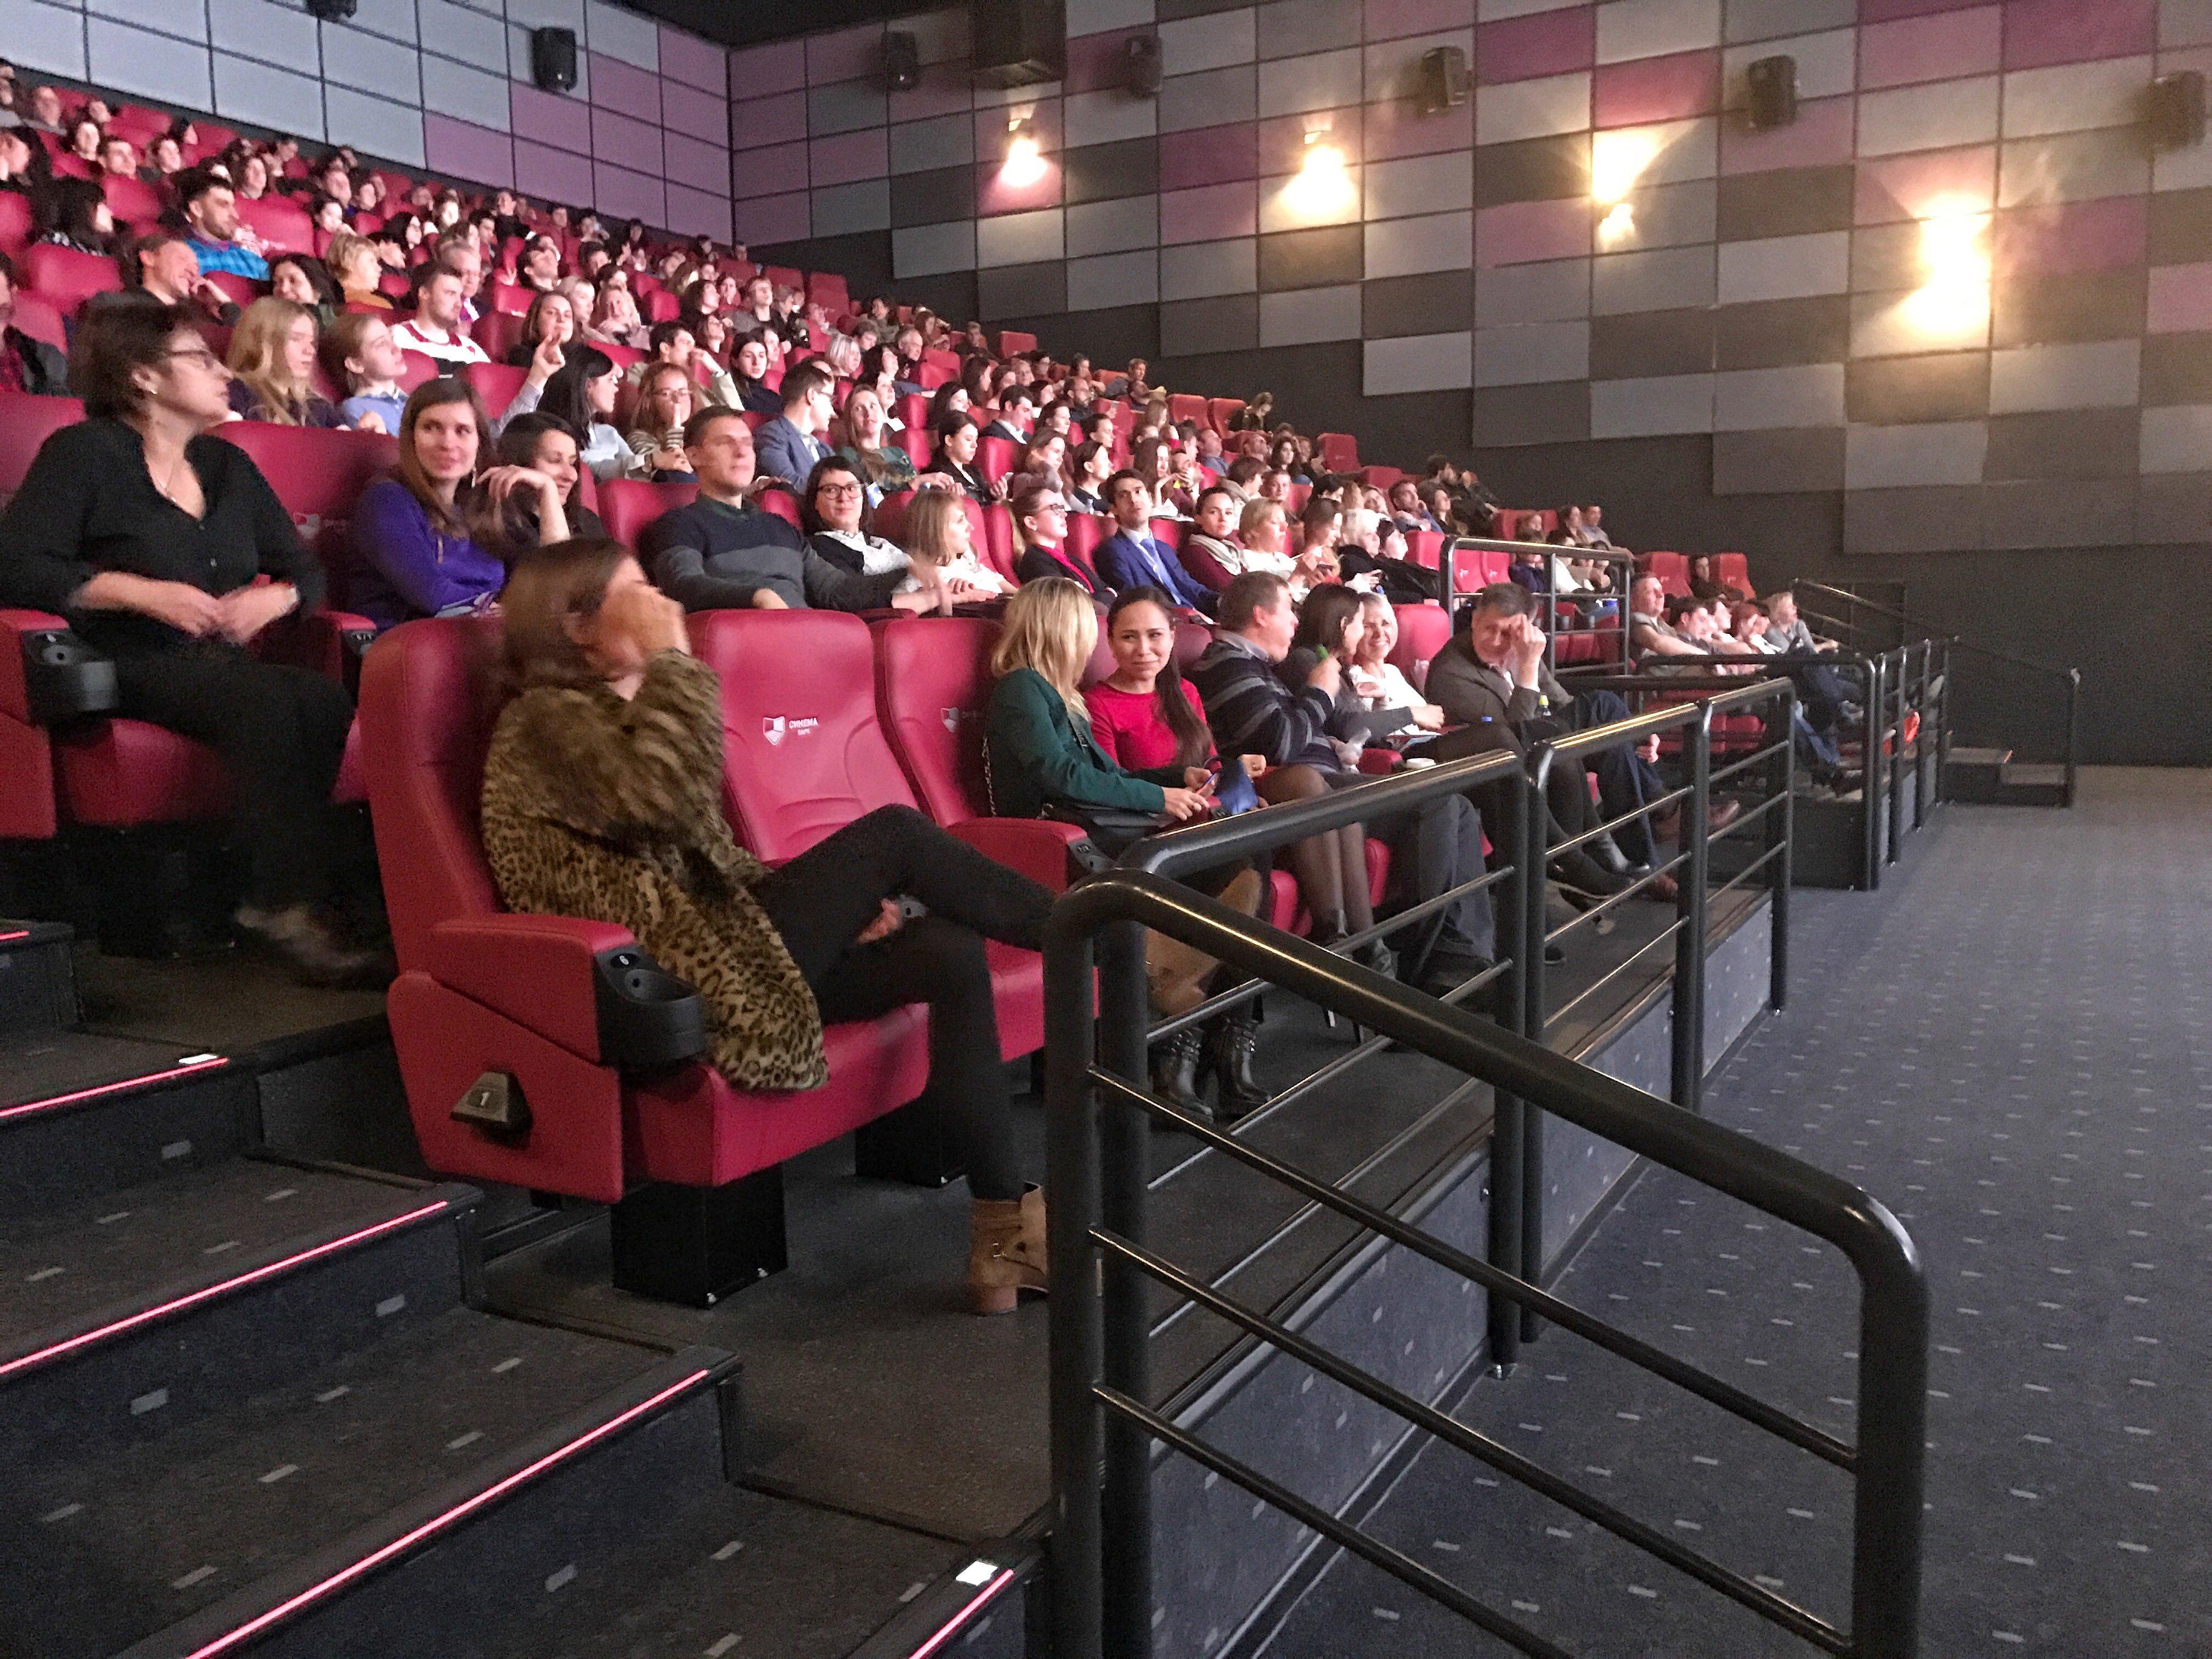 Justine Triet a décidé de rester dans la salle pour le début de la projection pour assister à la première séance en Russie et vérifier le son